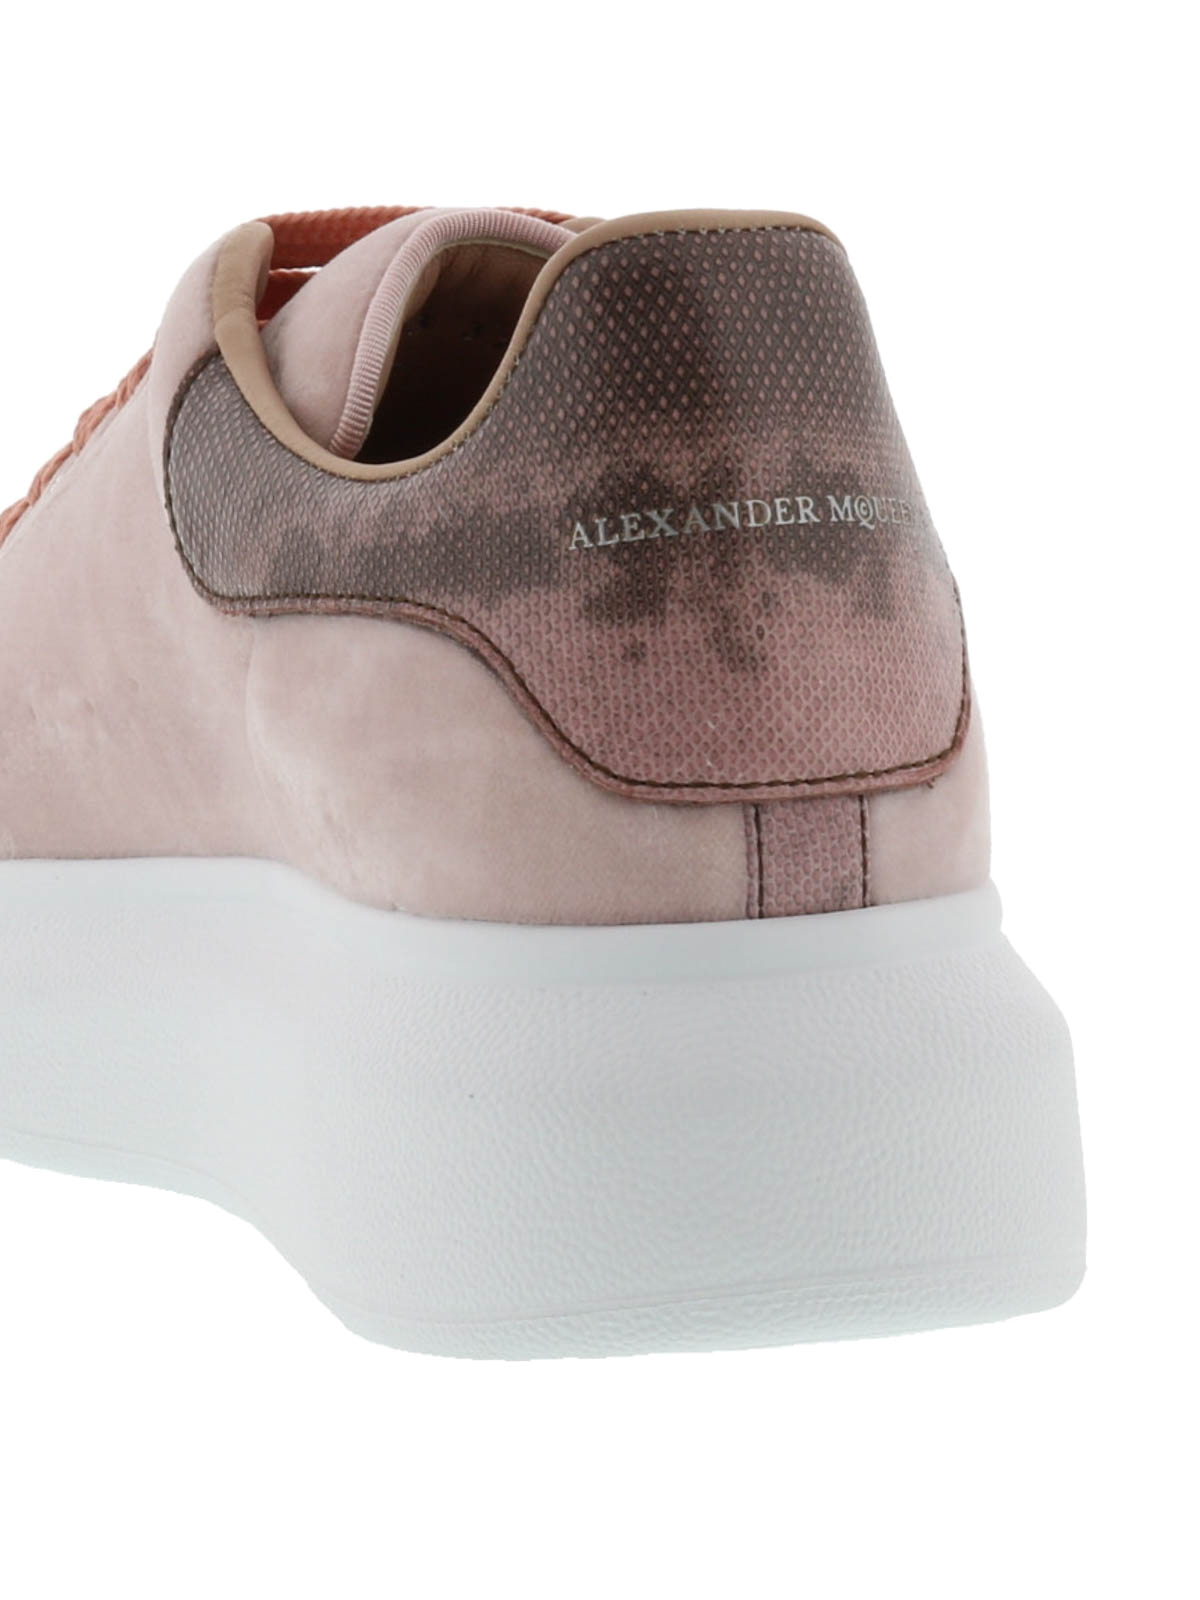 Alexander Mcqueen Baskets Rose Chaussures de sport